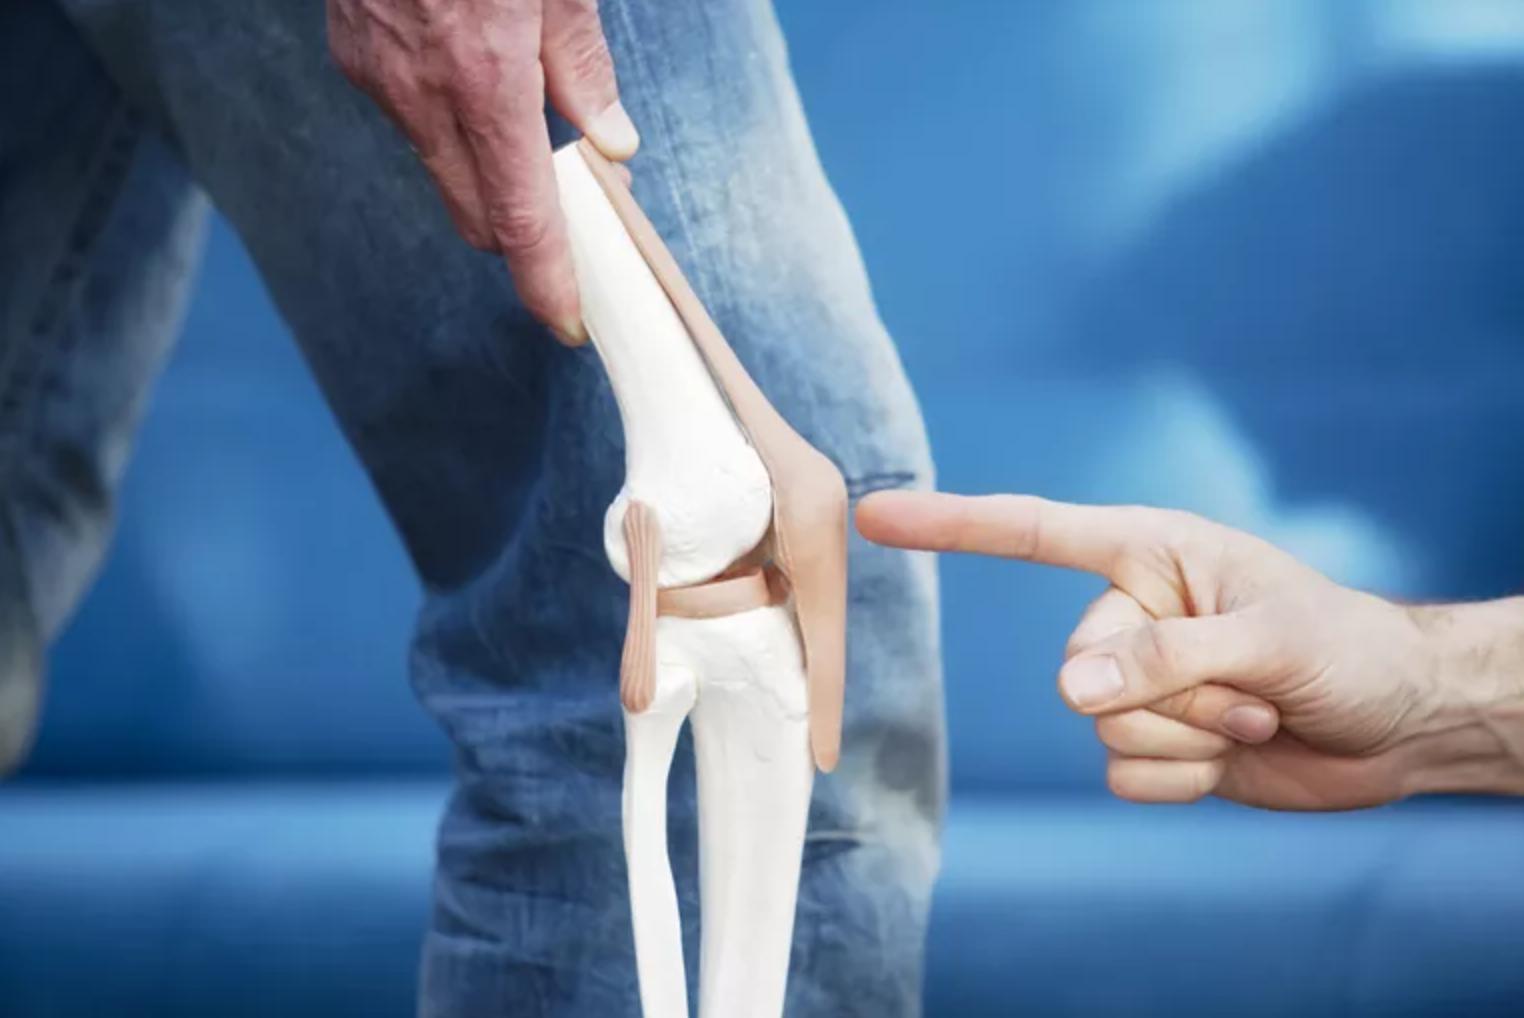 térdfájdalom és műtét